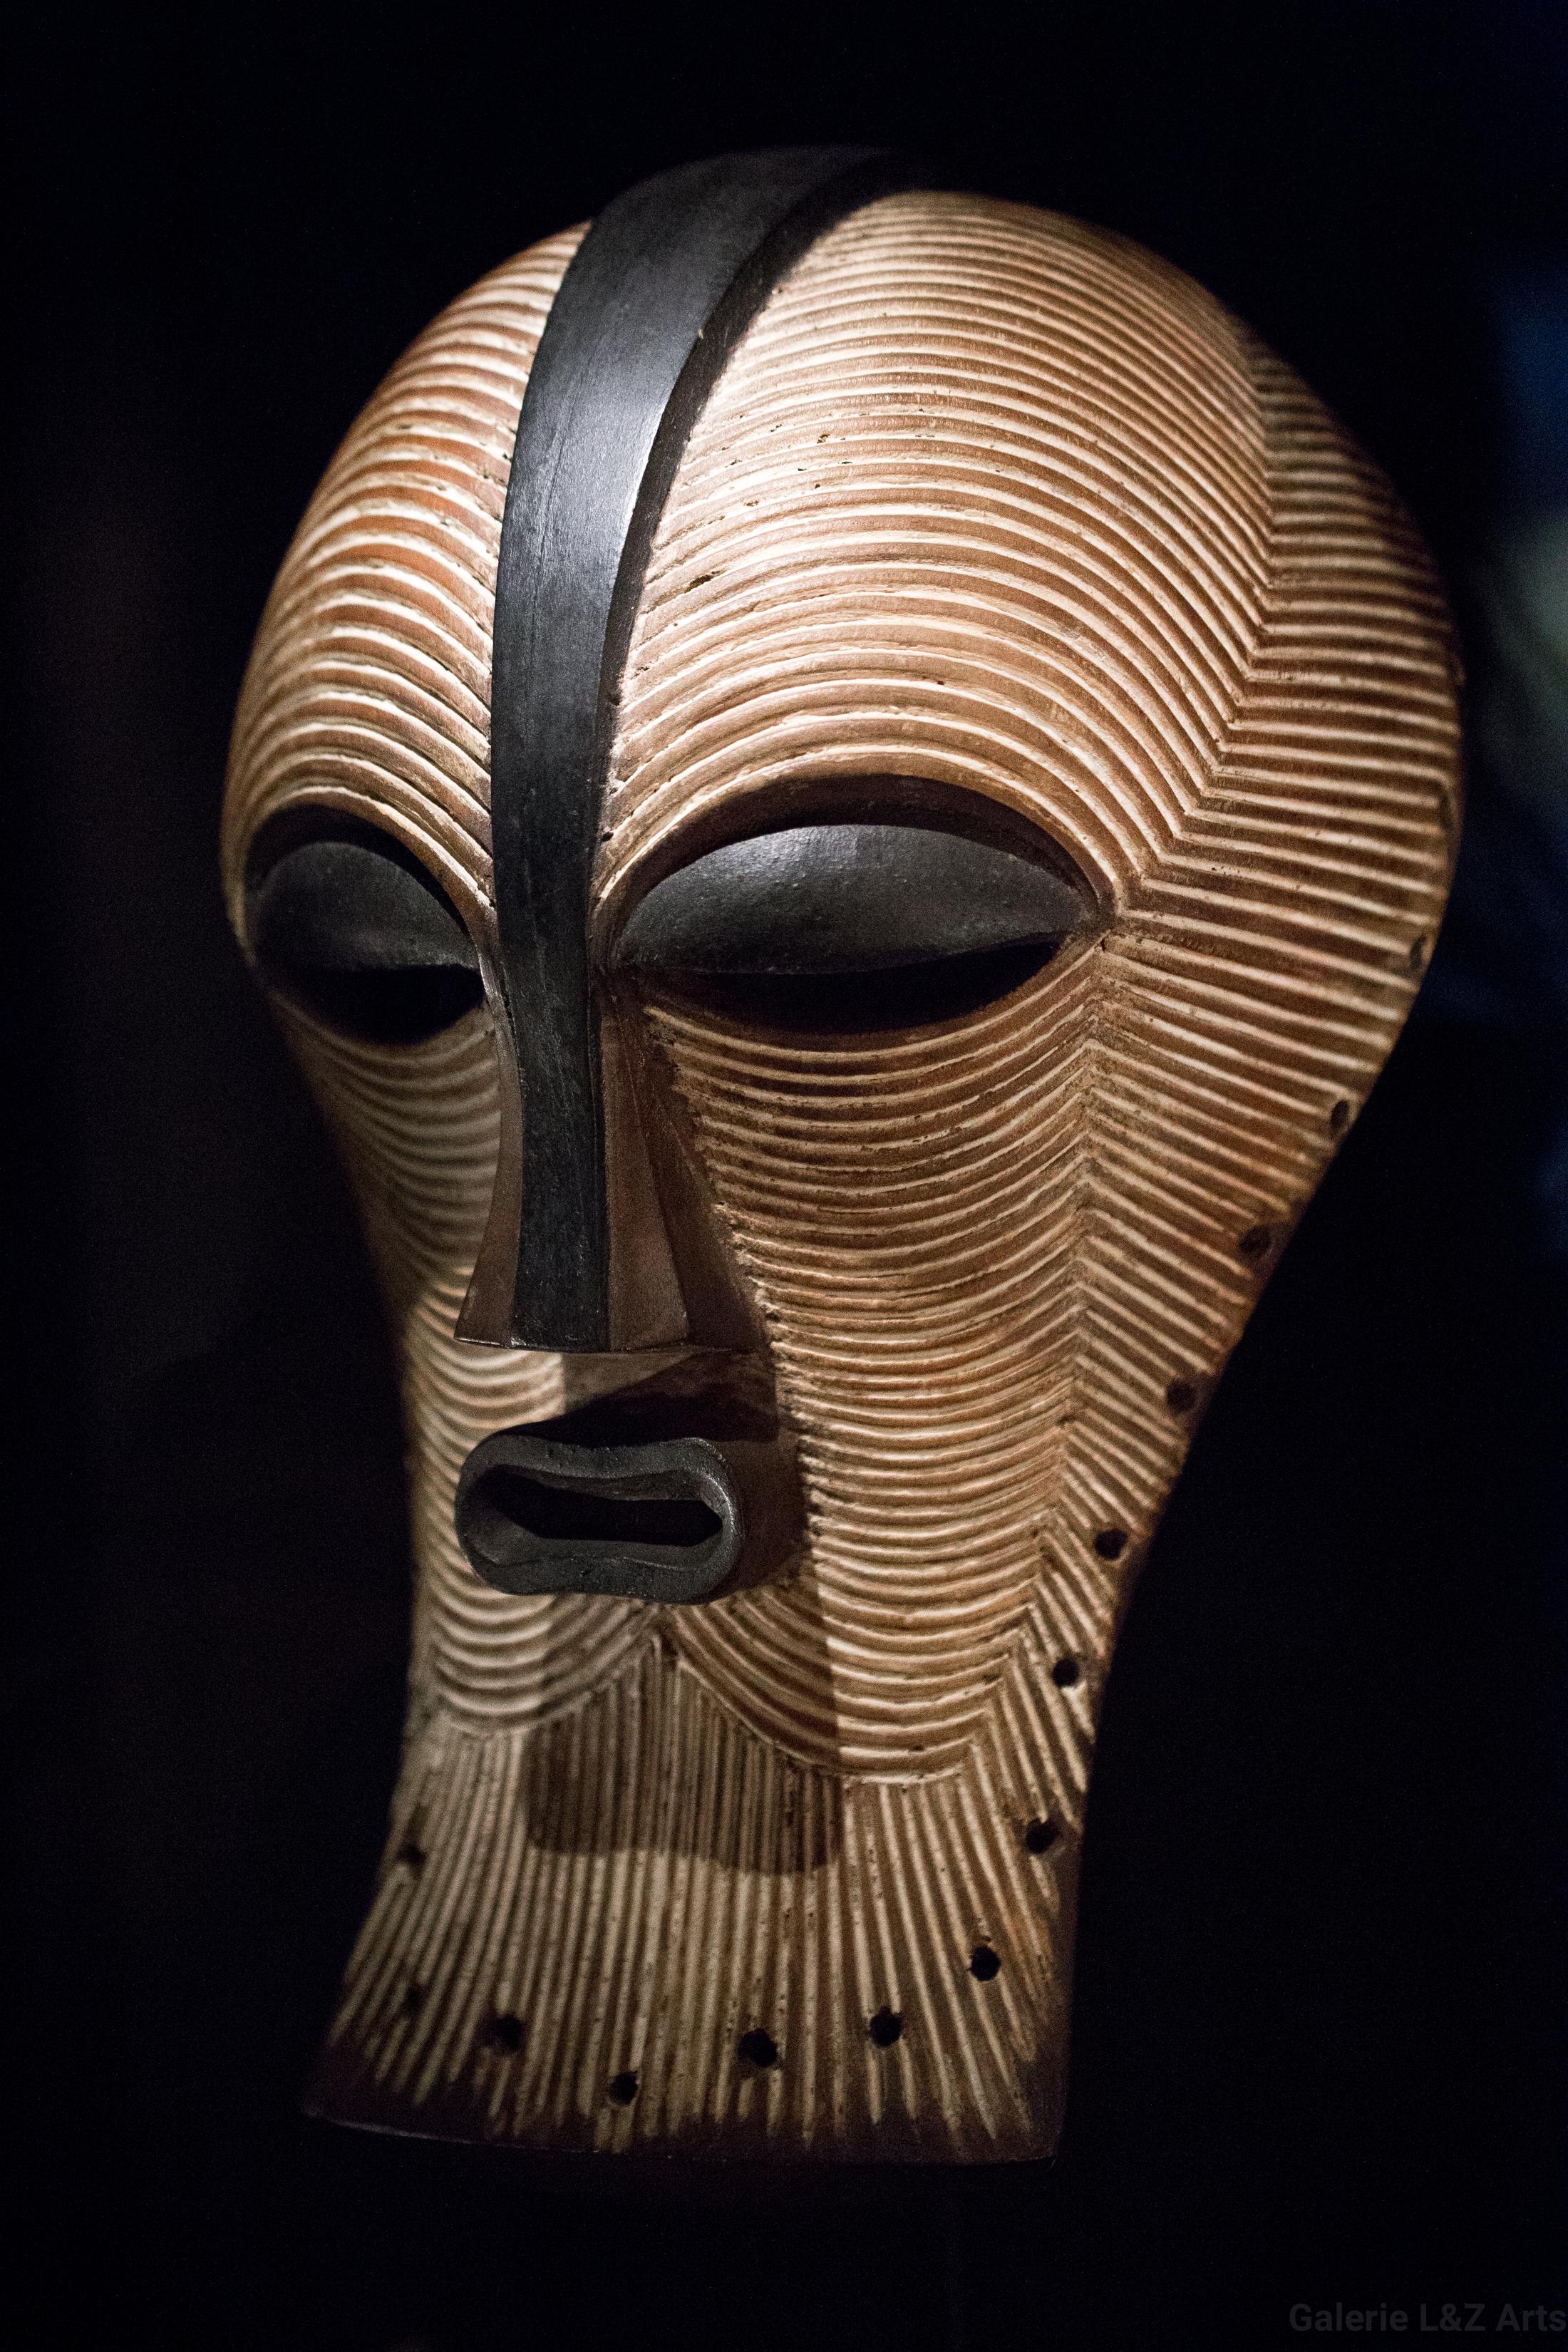 exposition-masque-art-tribal-africain-musee-quai-branly-belgique-galerie-lz-arts-liege-cite-miroir-oceanie-asie-japon-amerique-art-premier-nepal-14.jpg